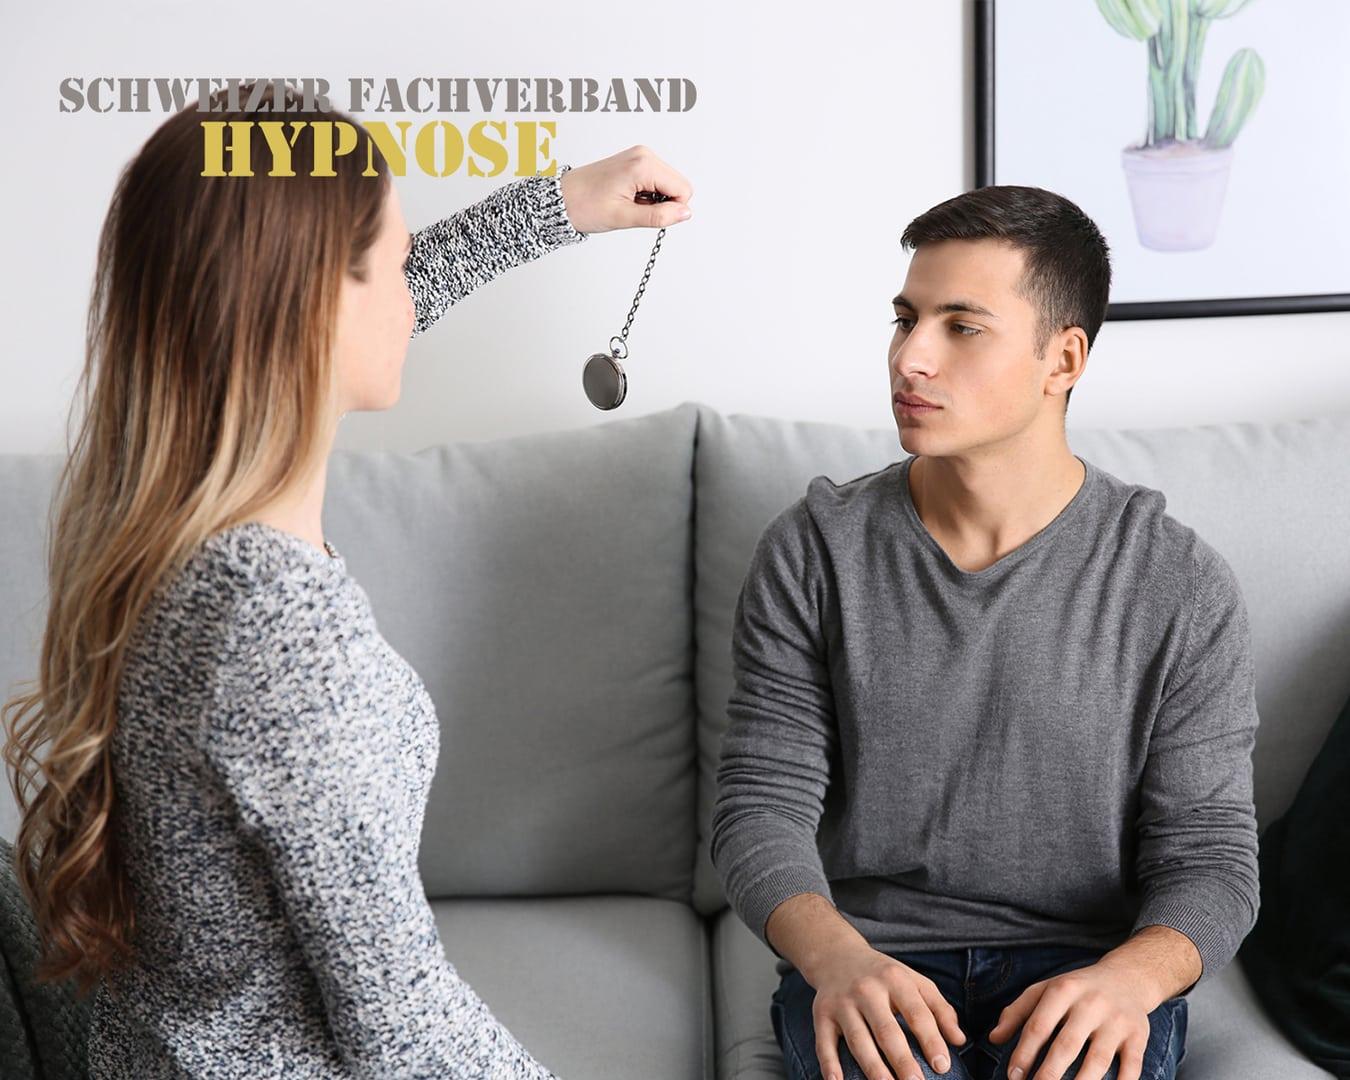 fachverband-für-hypnose